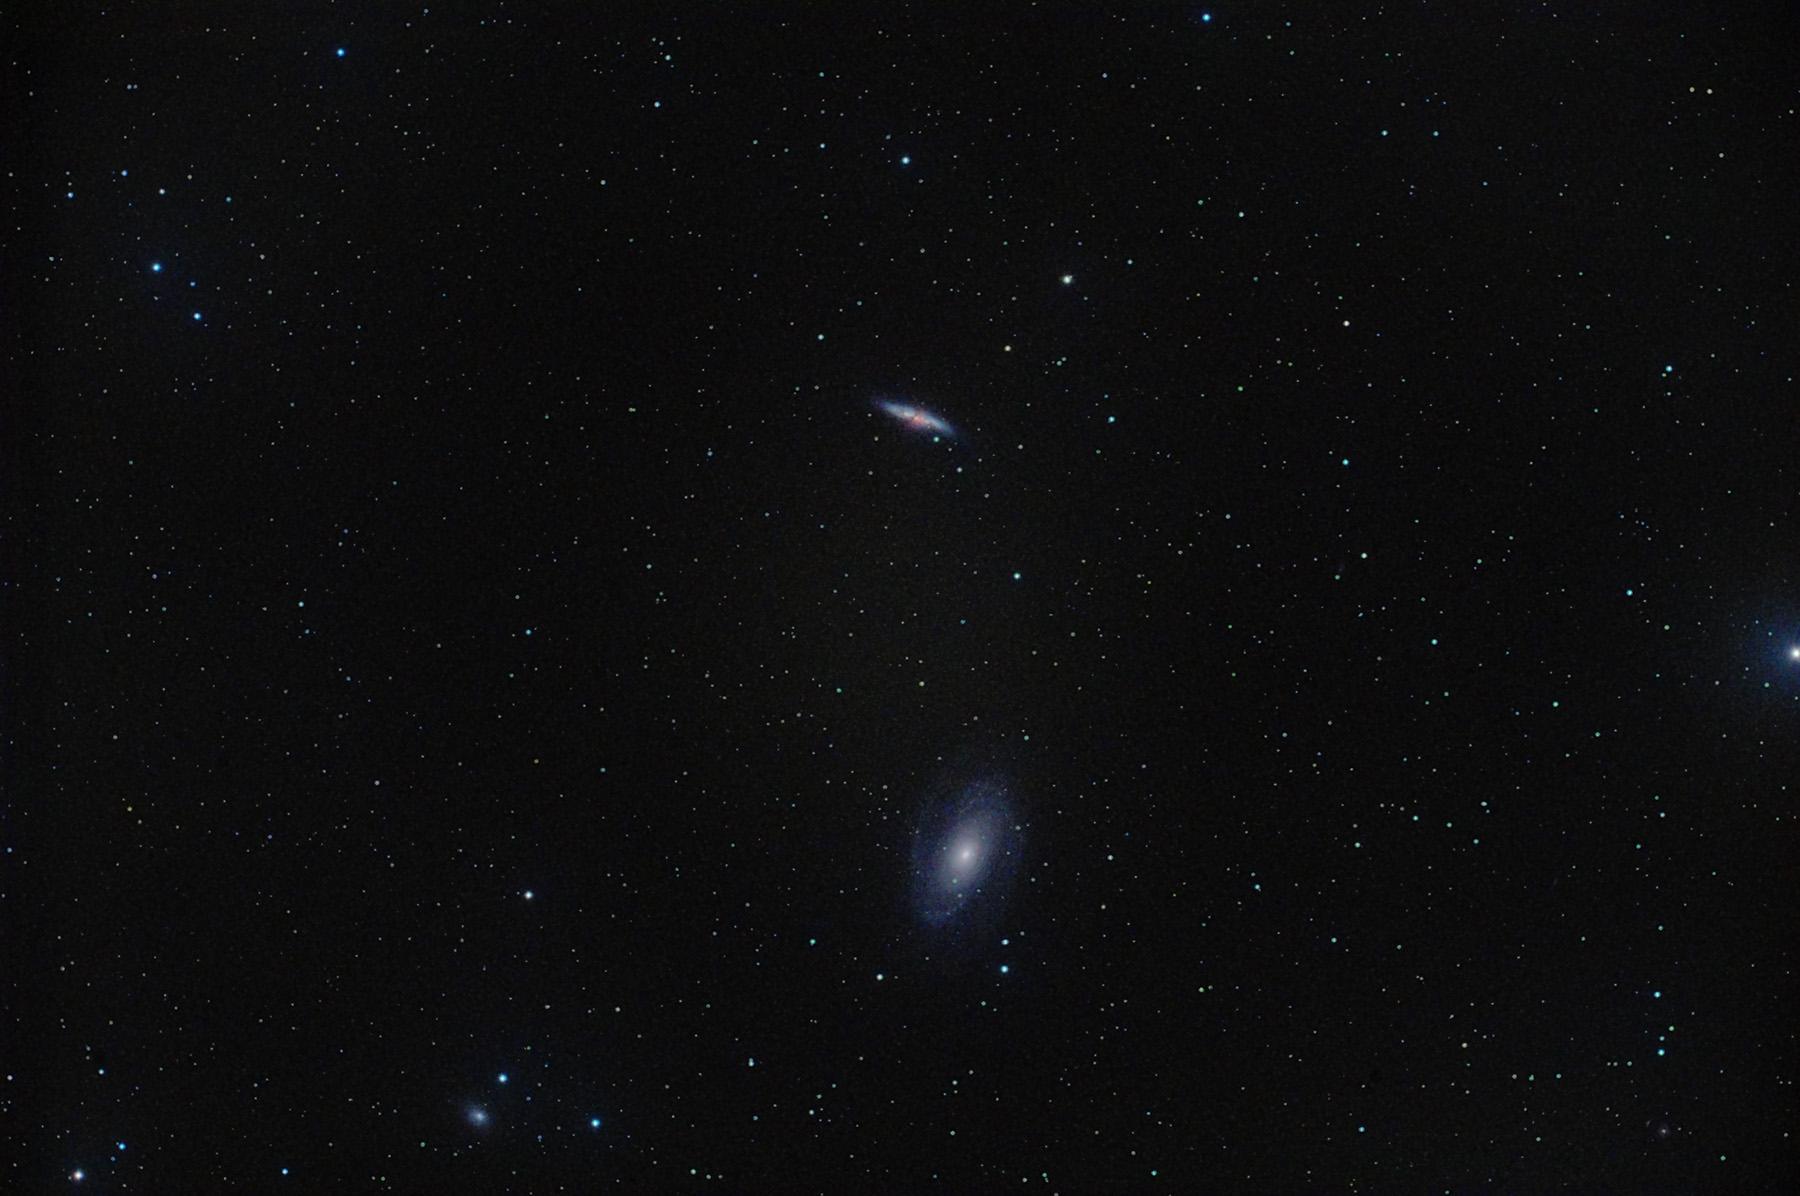 Galàxies M81 i M82 amb supernova 2014J